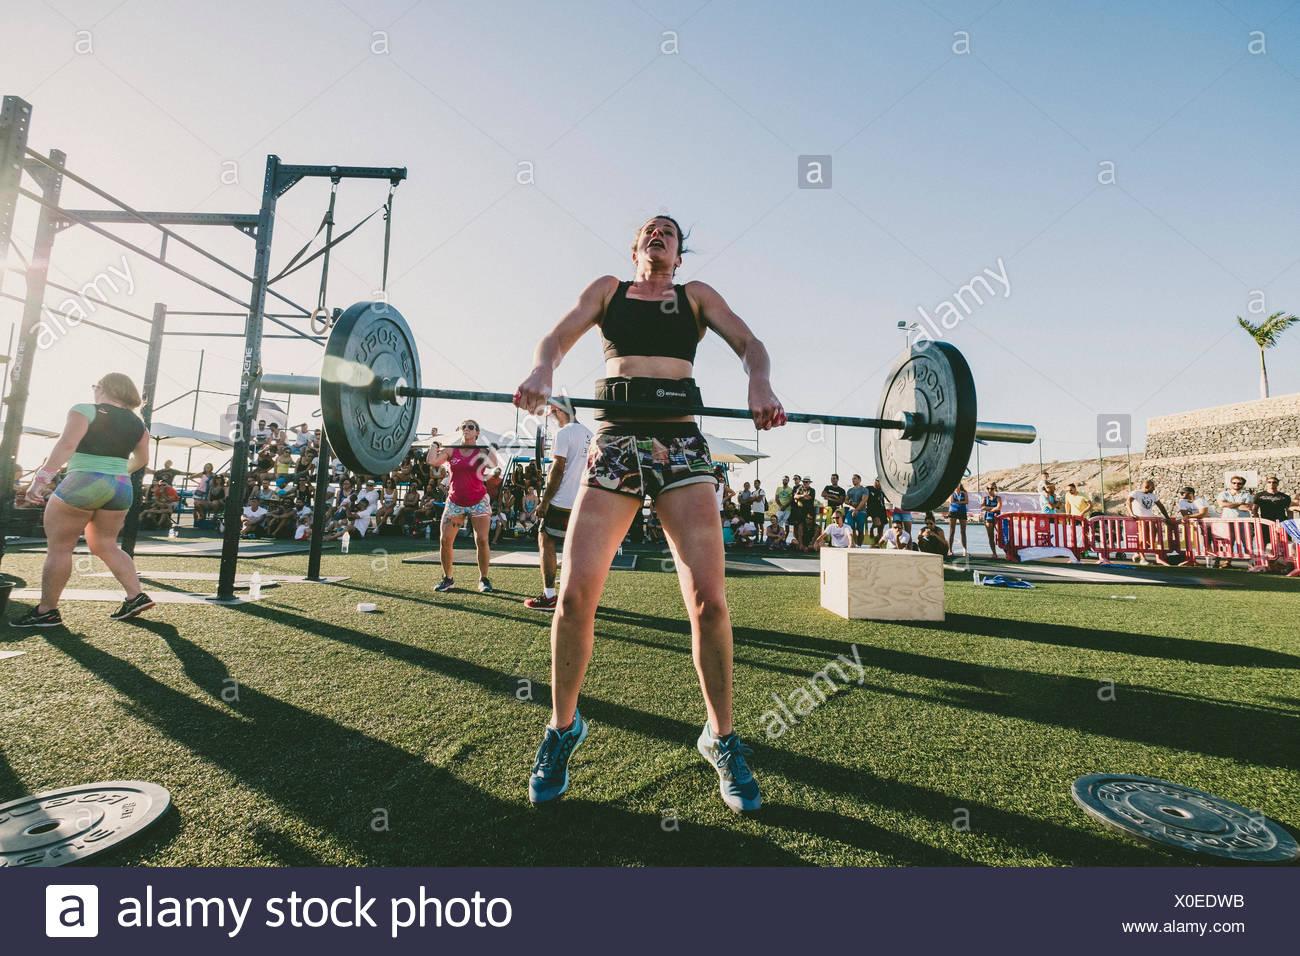 Vorderansicht des weiblichen Athleten anhebende Gewichte während der Konkurrenz, Teneriffa, Kanarische Inseln, Spanien Stockbild